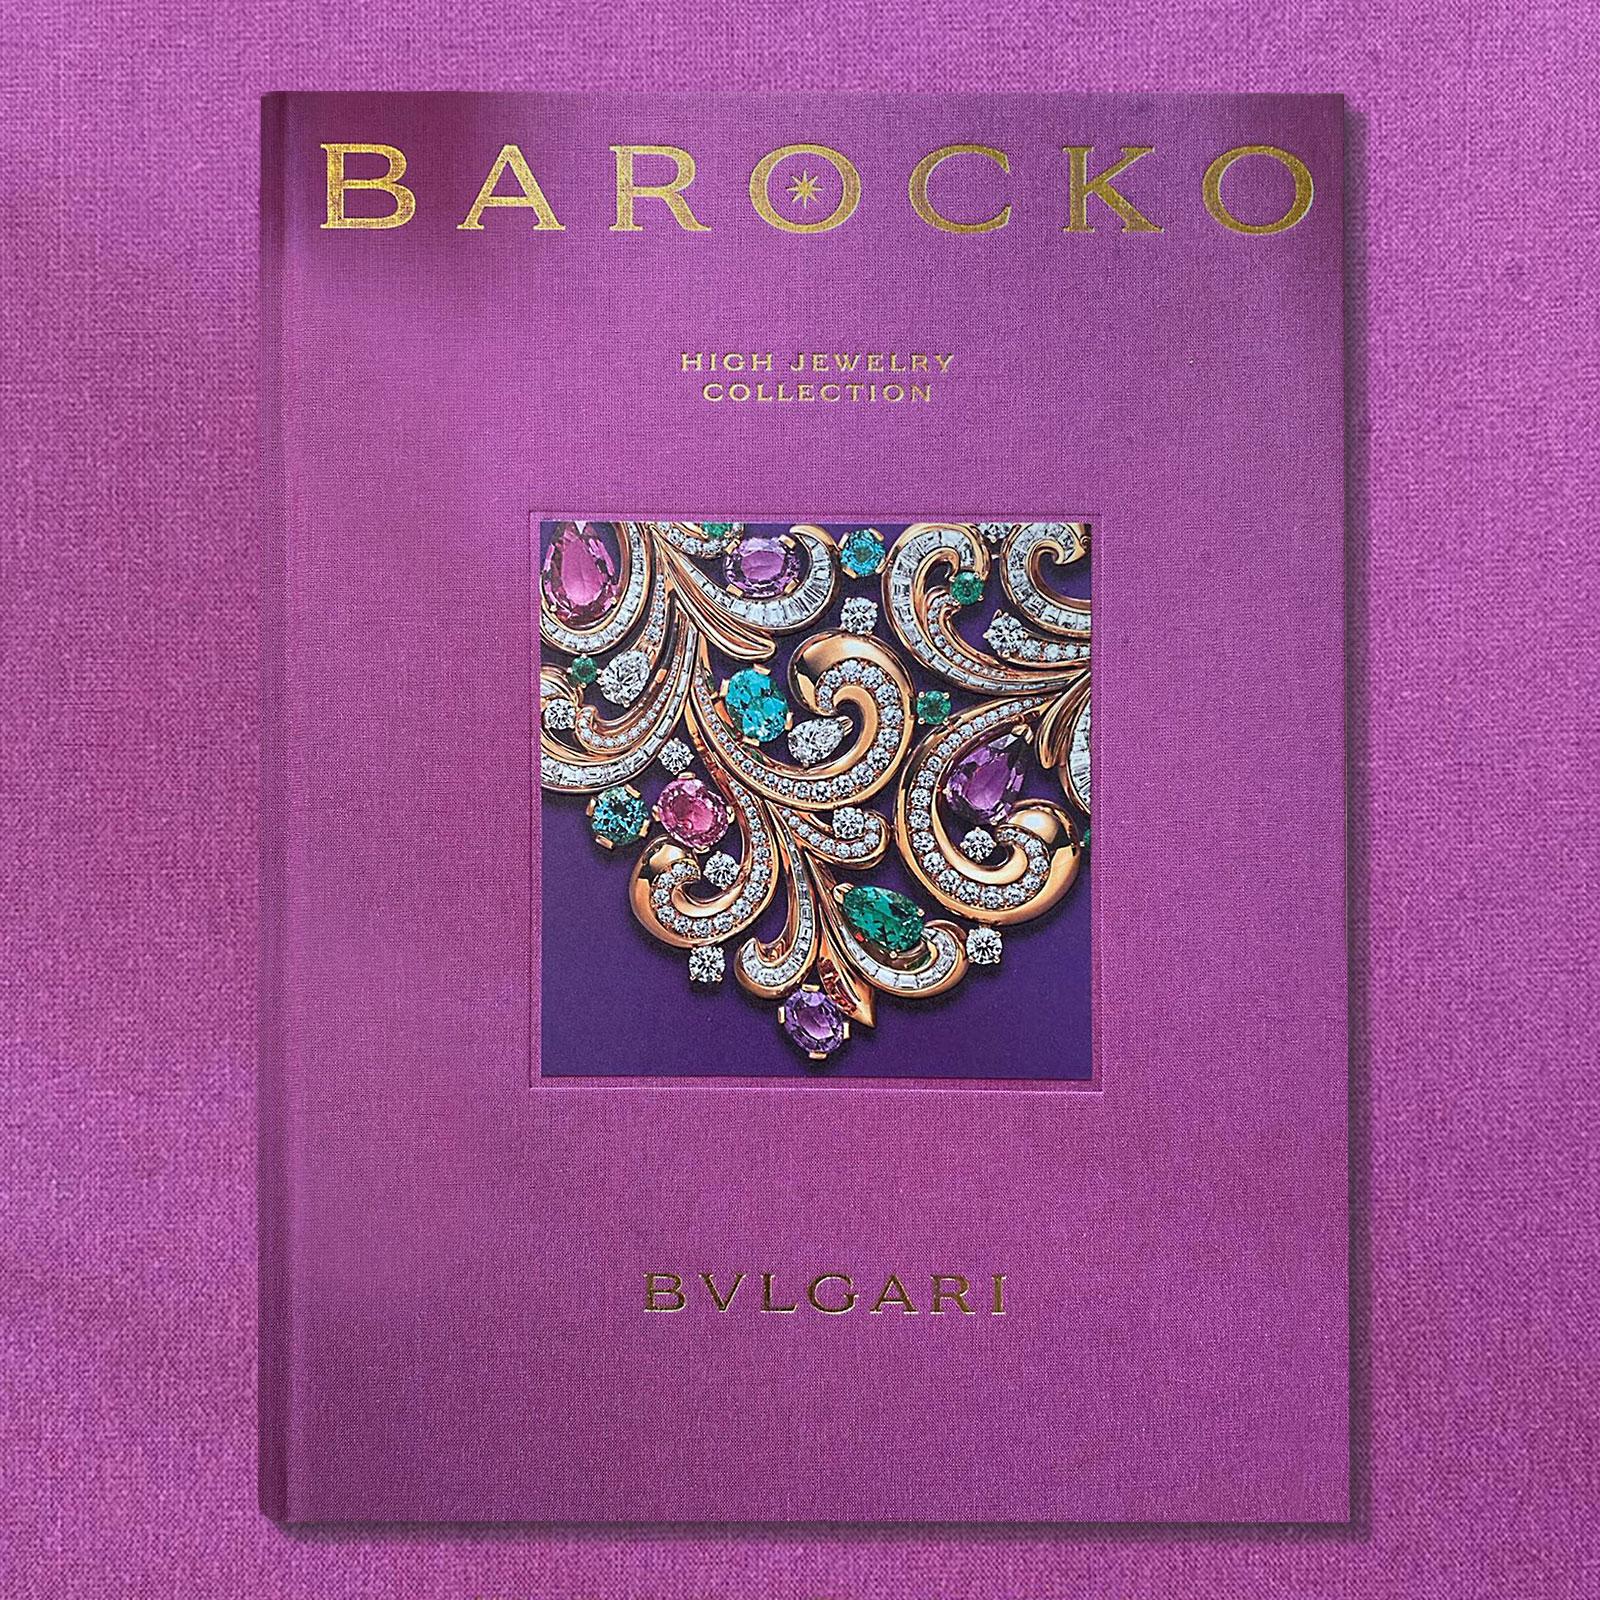 Bulgari Barocko 2020